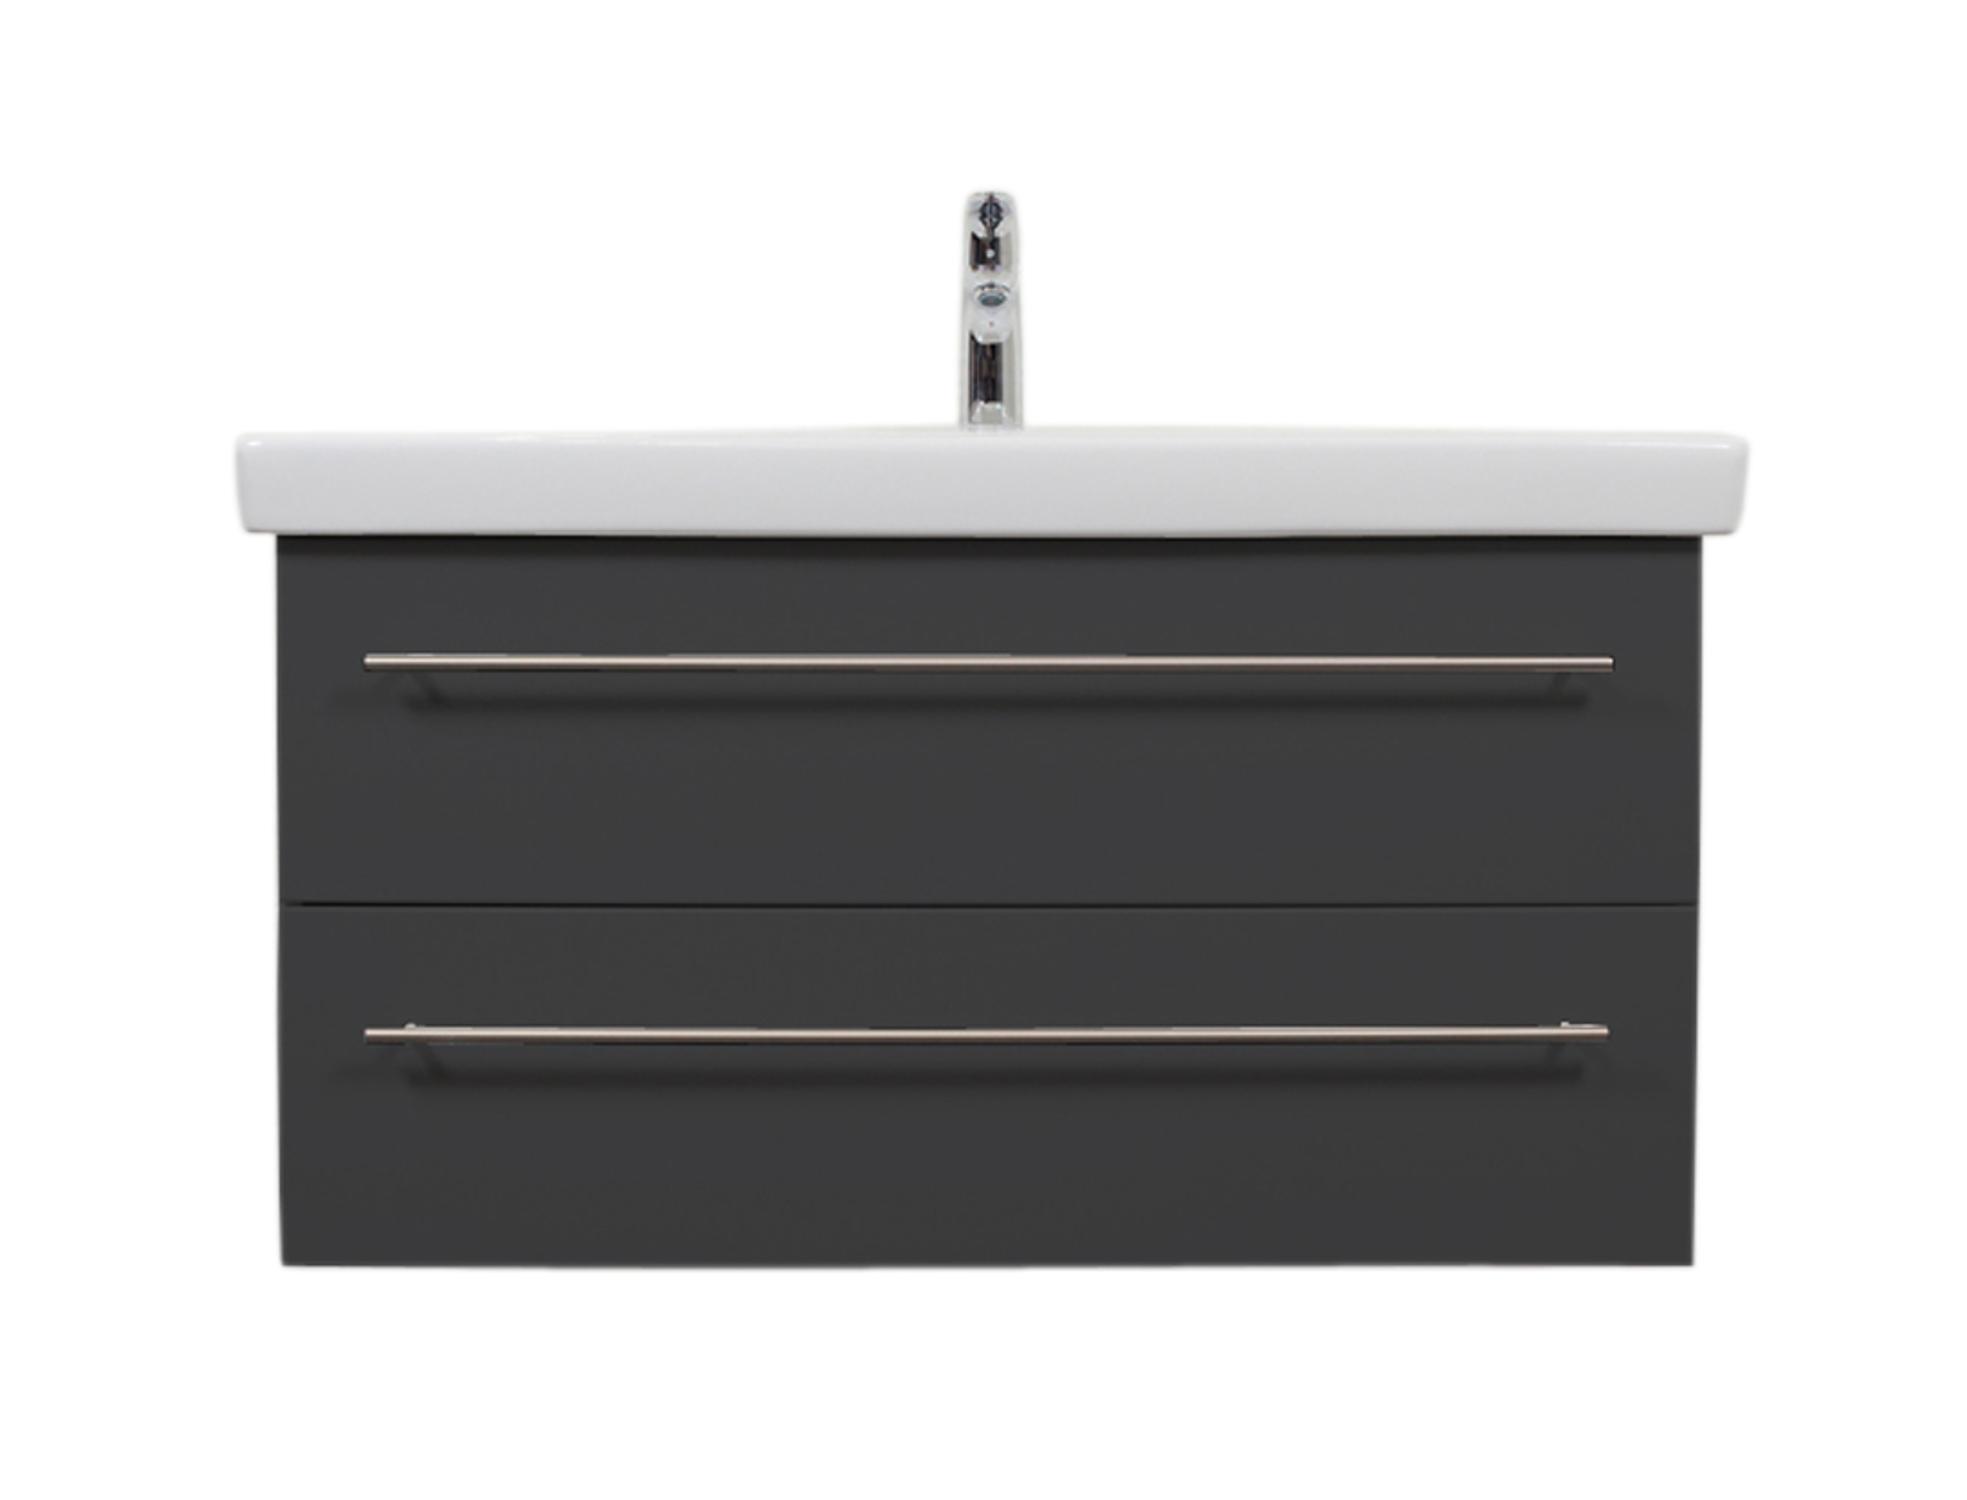 Details zu Villeroy & Boch Waschbecken mit Unterschrank  Waschbeckenunterschrank 100 cm grau